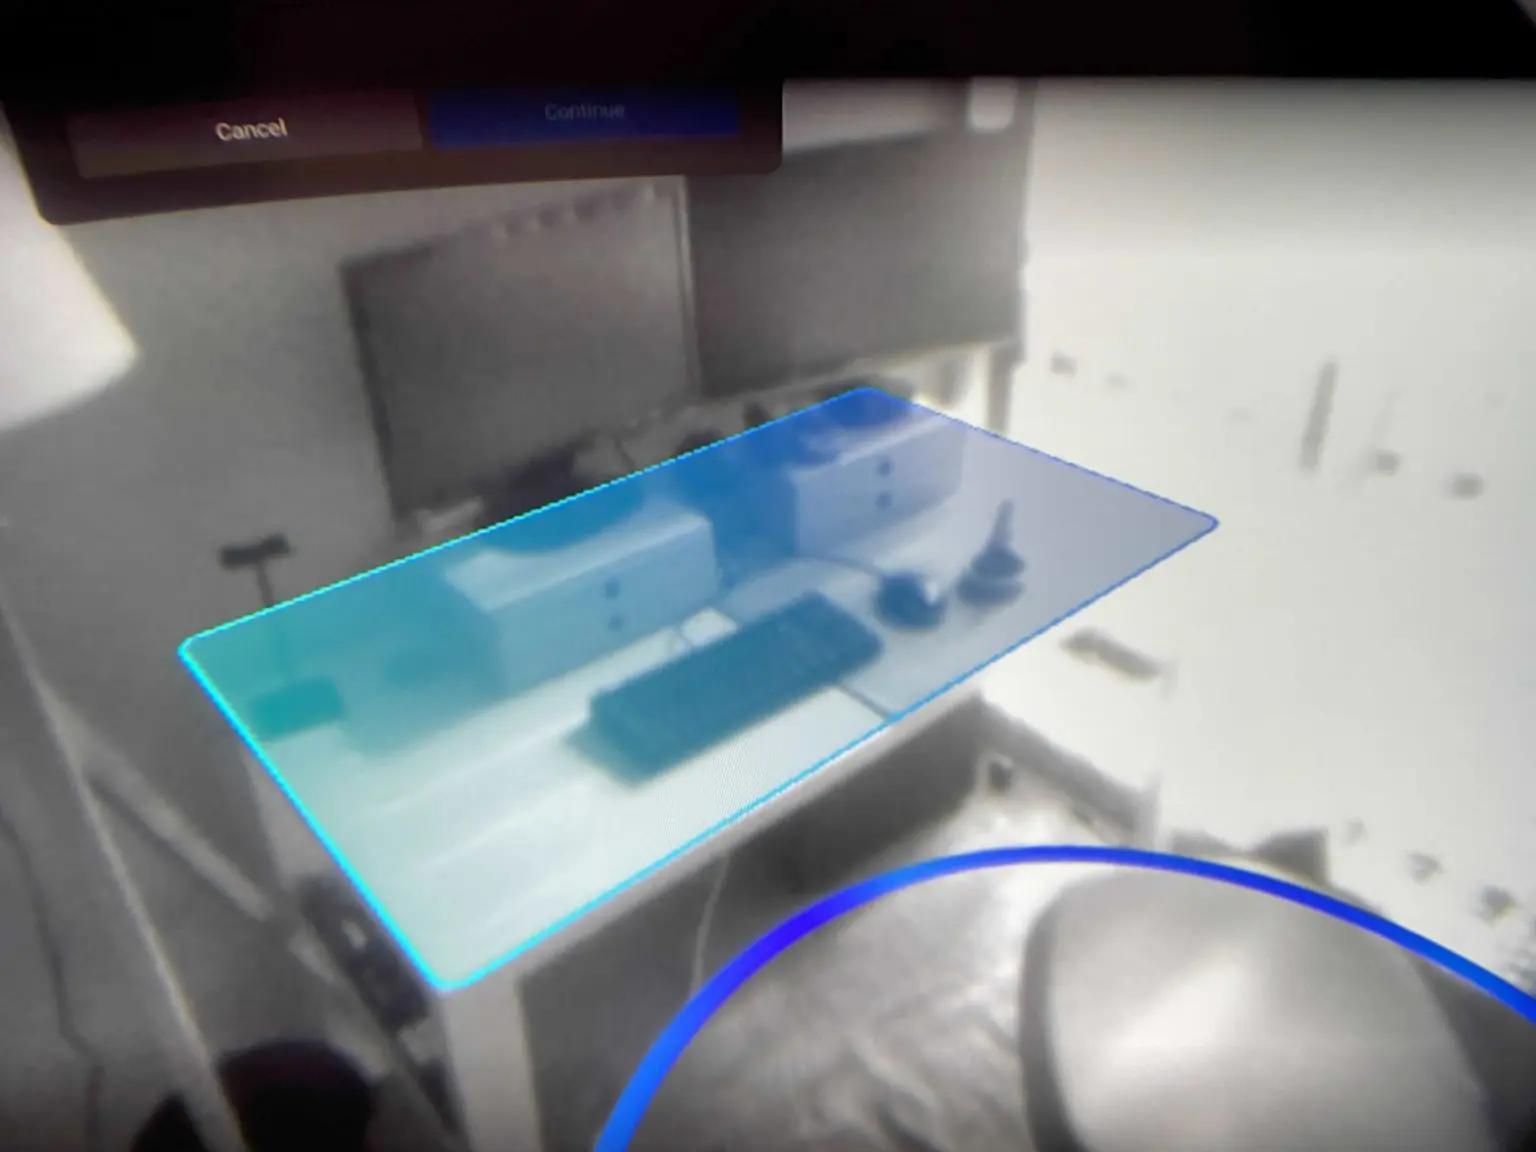 Bureau en VR Quest 2